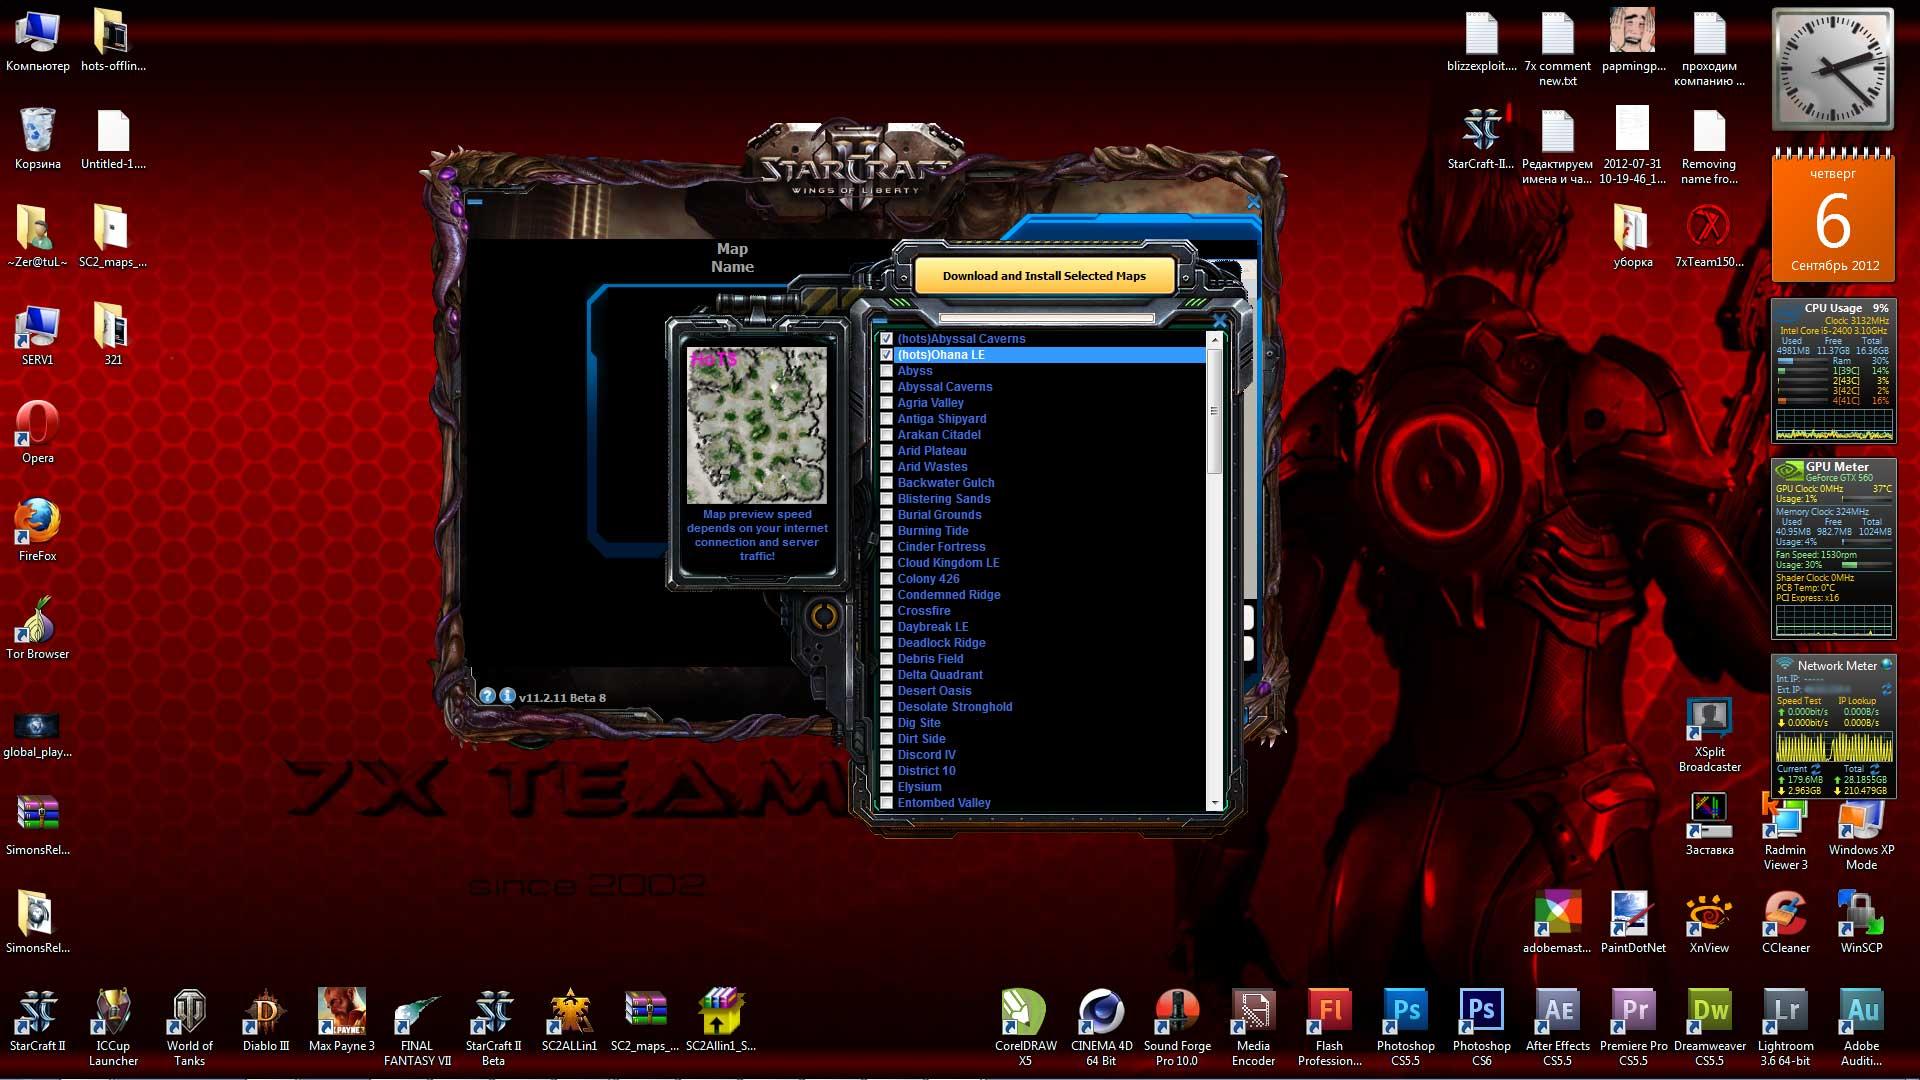 Плагины для зомби кс. Скачать бесплатно Starcraft II Maps - Игра StarCraft